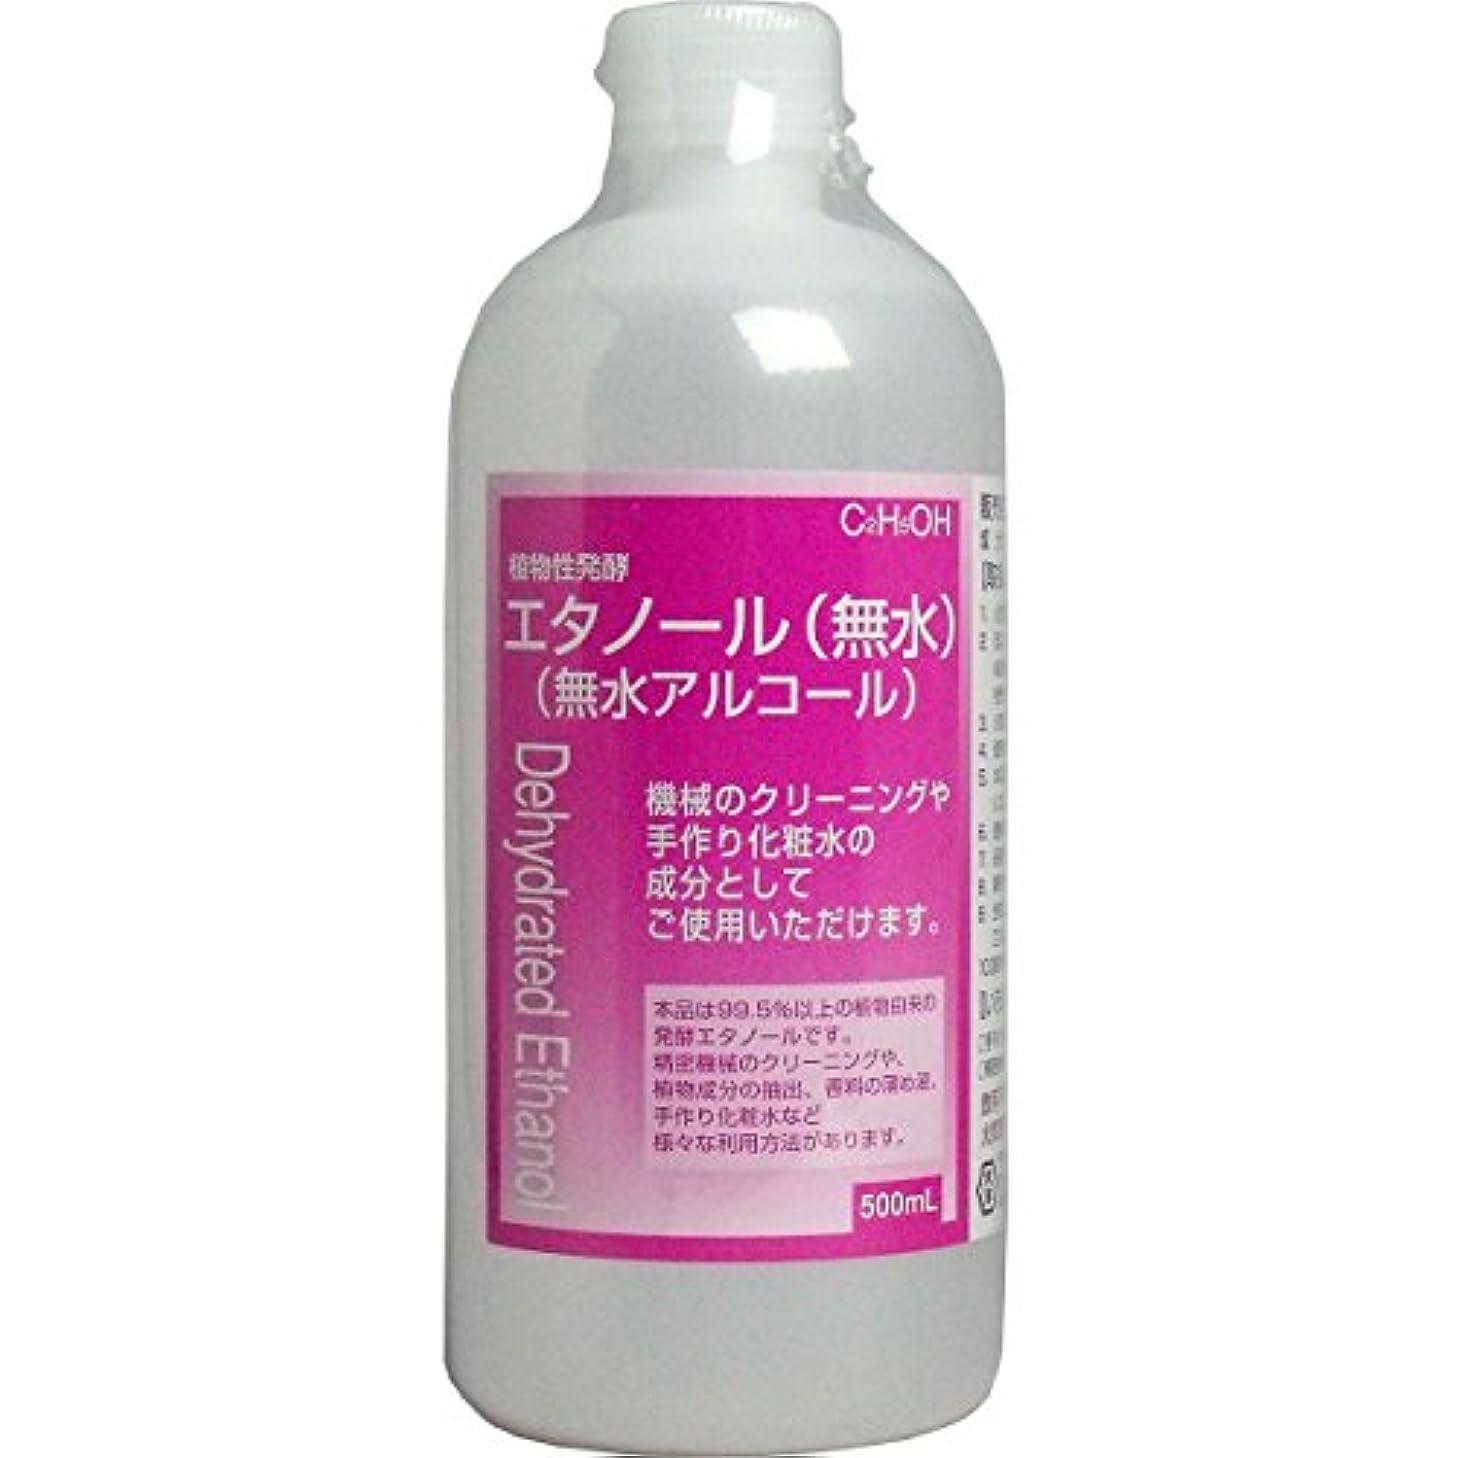 再編成するシャツスペル手作り化粧水に 植物性発酵エタノール(無水エタノール) 500mL